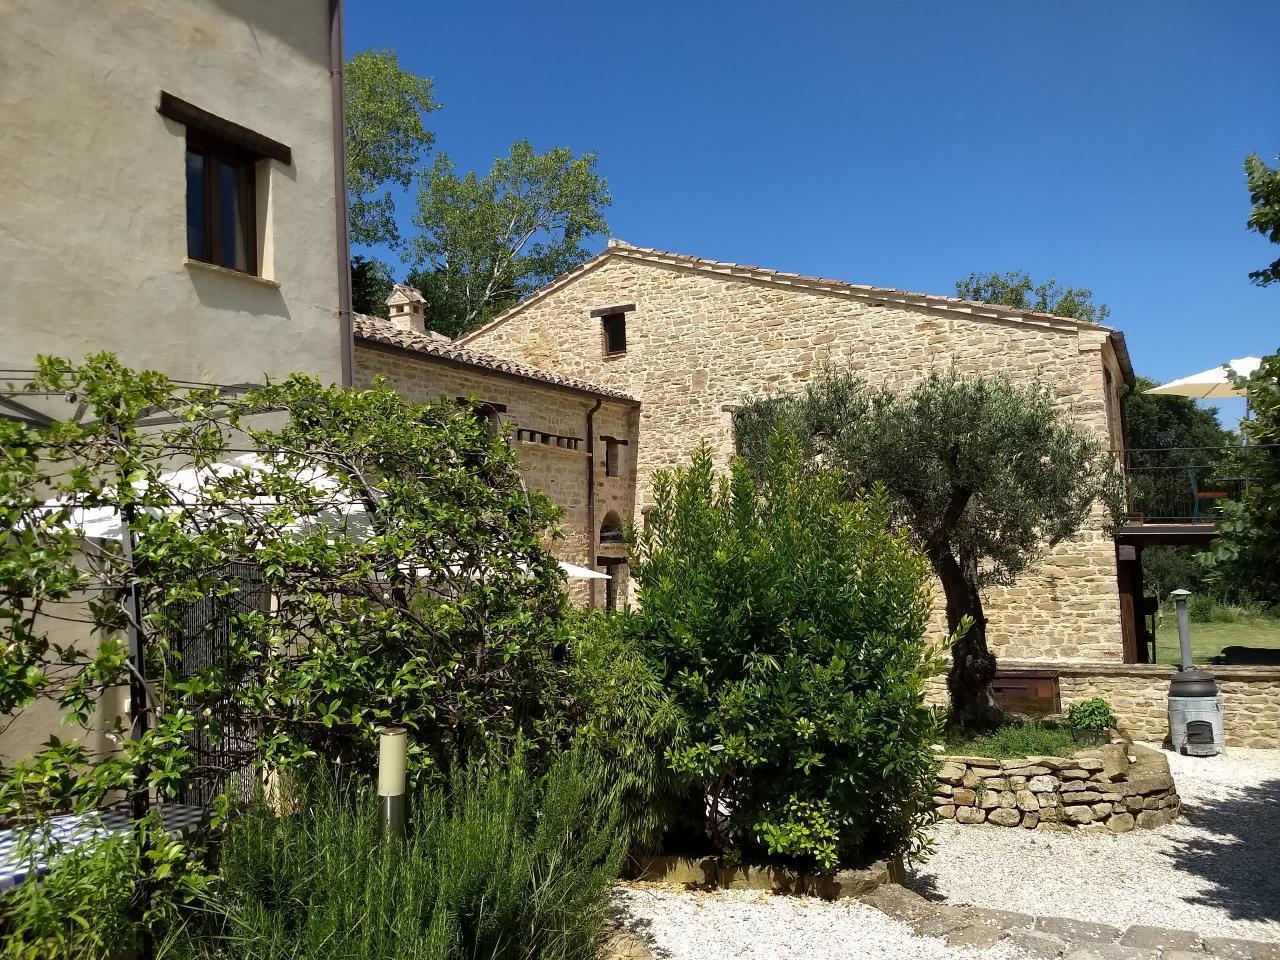 Ferienwohnung Case Leonori CASTELLO (642738), Treia (IT), Macerata, Marken, Italien, Bild 25